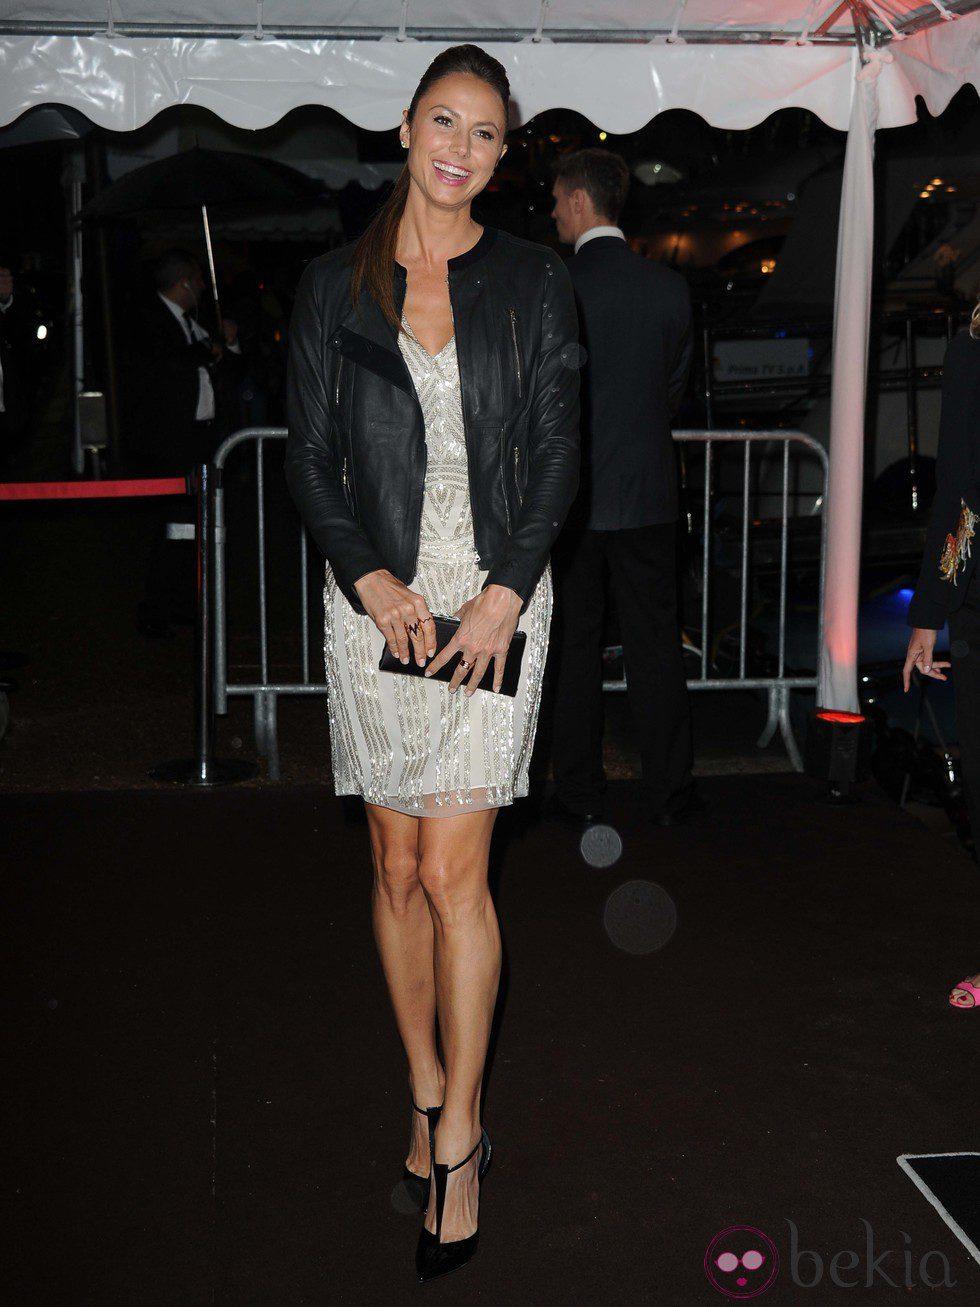 Stacy Keibler en la fiesta en el yate de Roberto Cavalli en Cannes